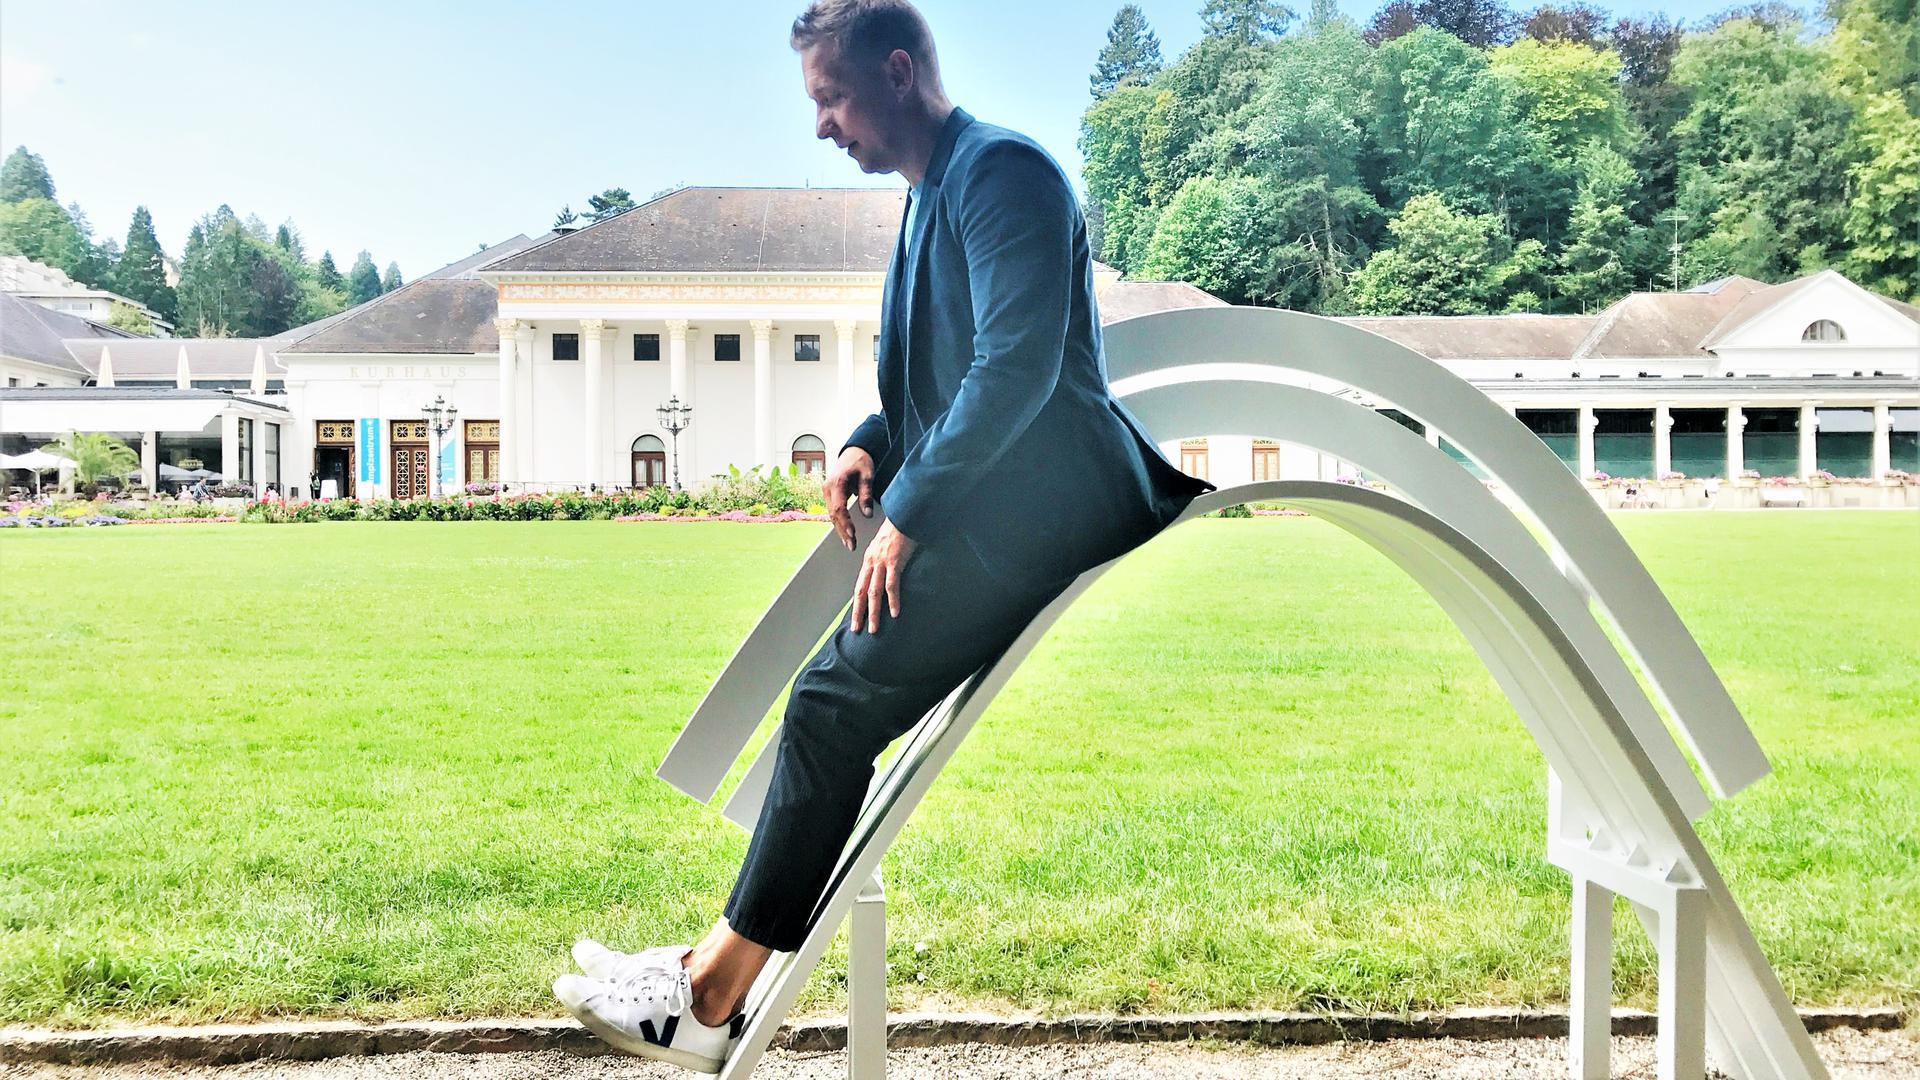 """Der dänische Künstler Jeppe Hein nutzt im Kurgarten in Baden-Badeneine seiner Modified Social Benches"""",  modifizierte soziale Bänke, für eine Rutschpartie."""